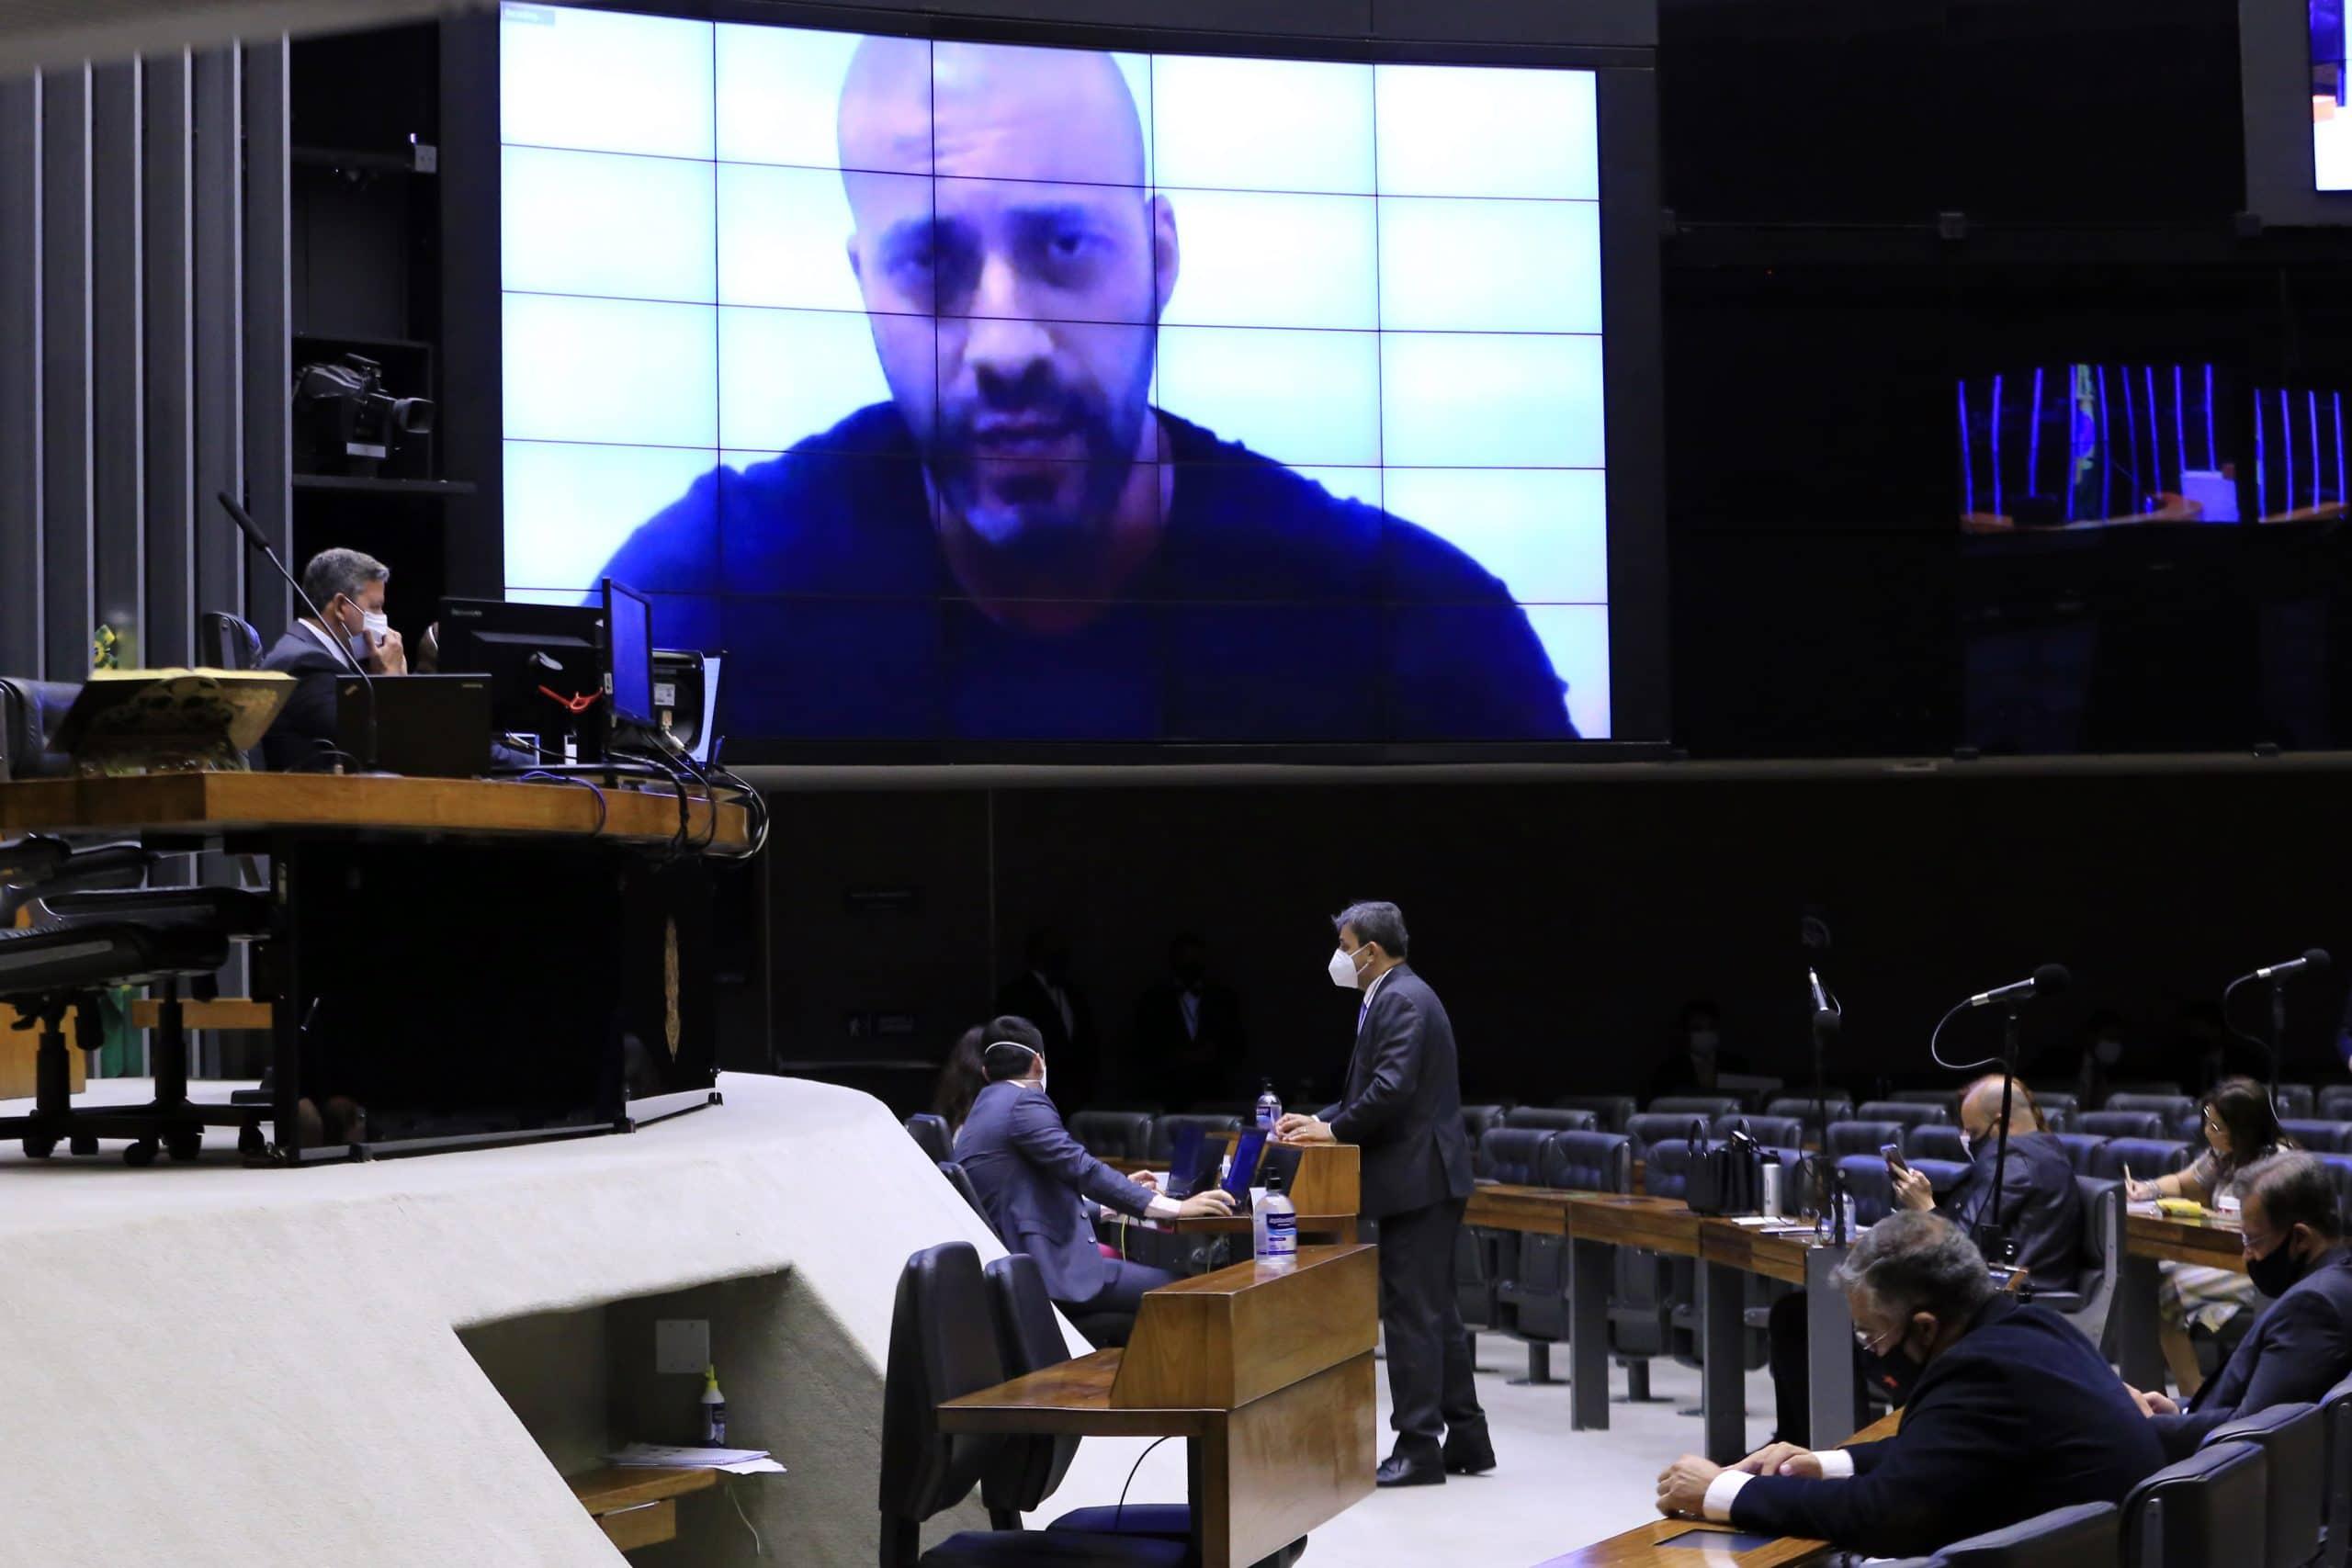 Daniel Silveira sendo exibido no telão da câmara